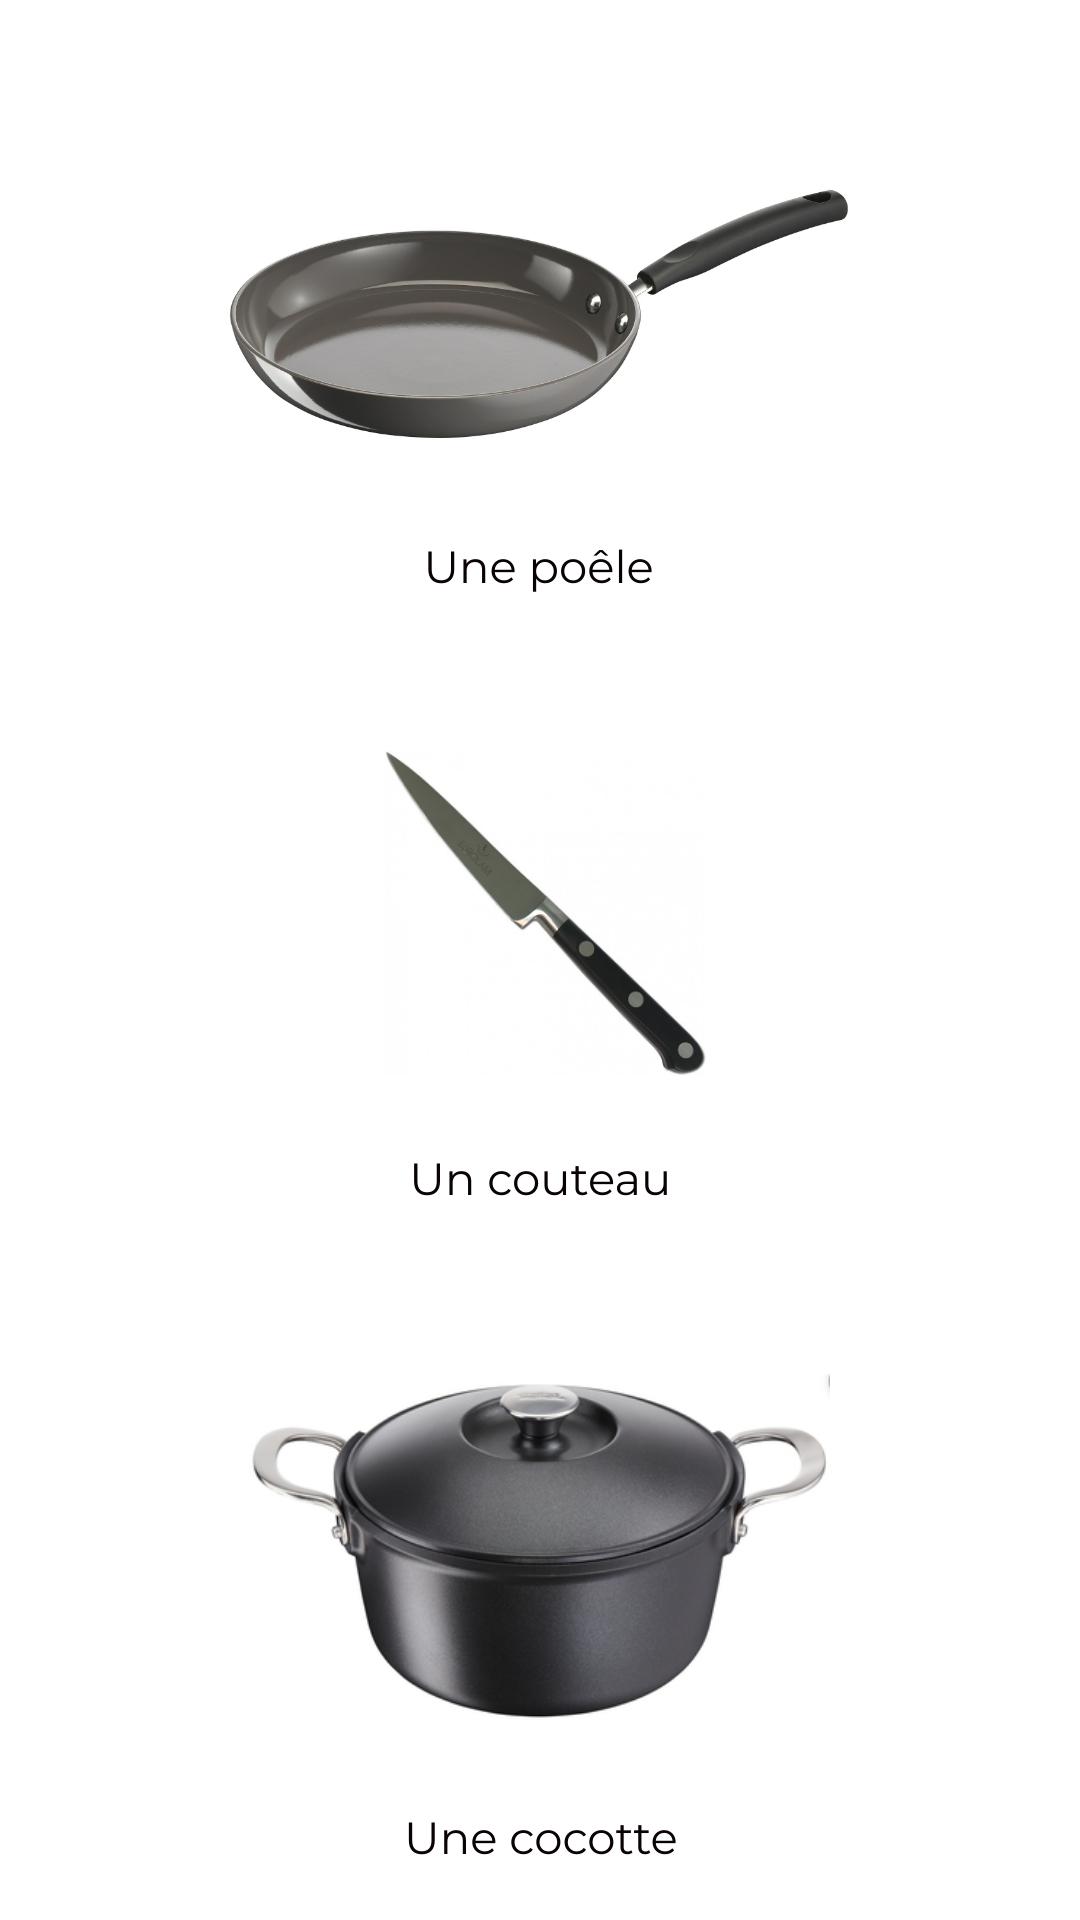 Ustensiles - soupe de courge butternut